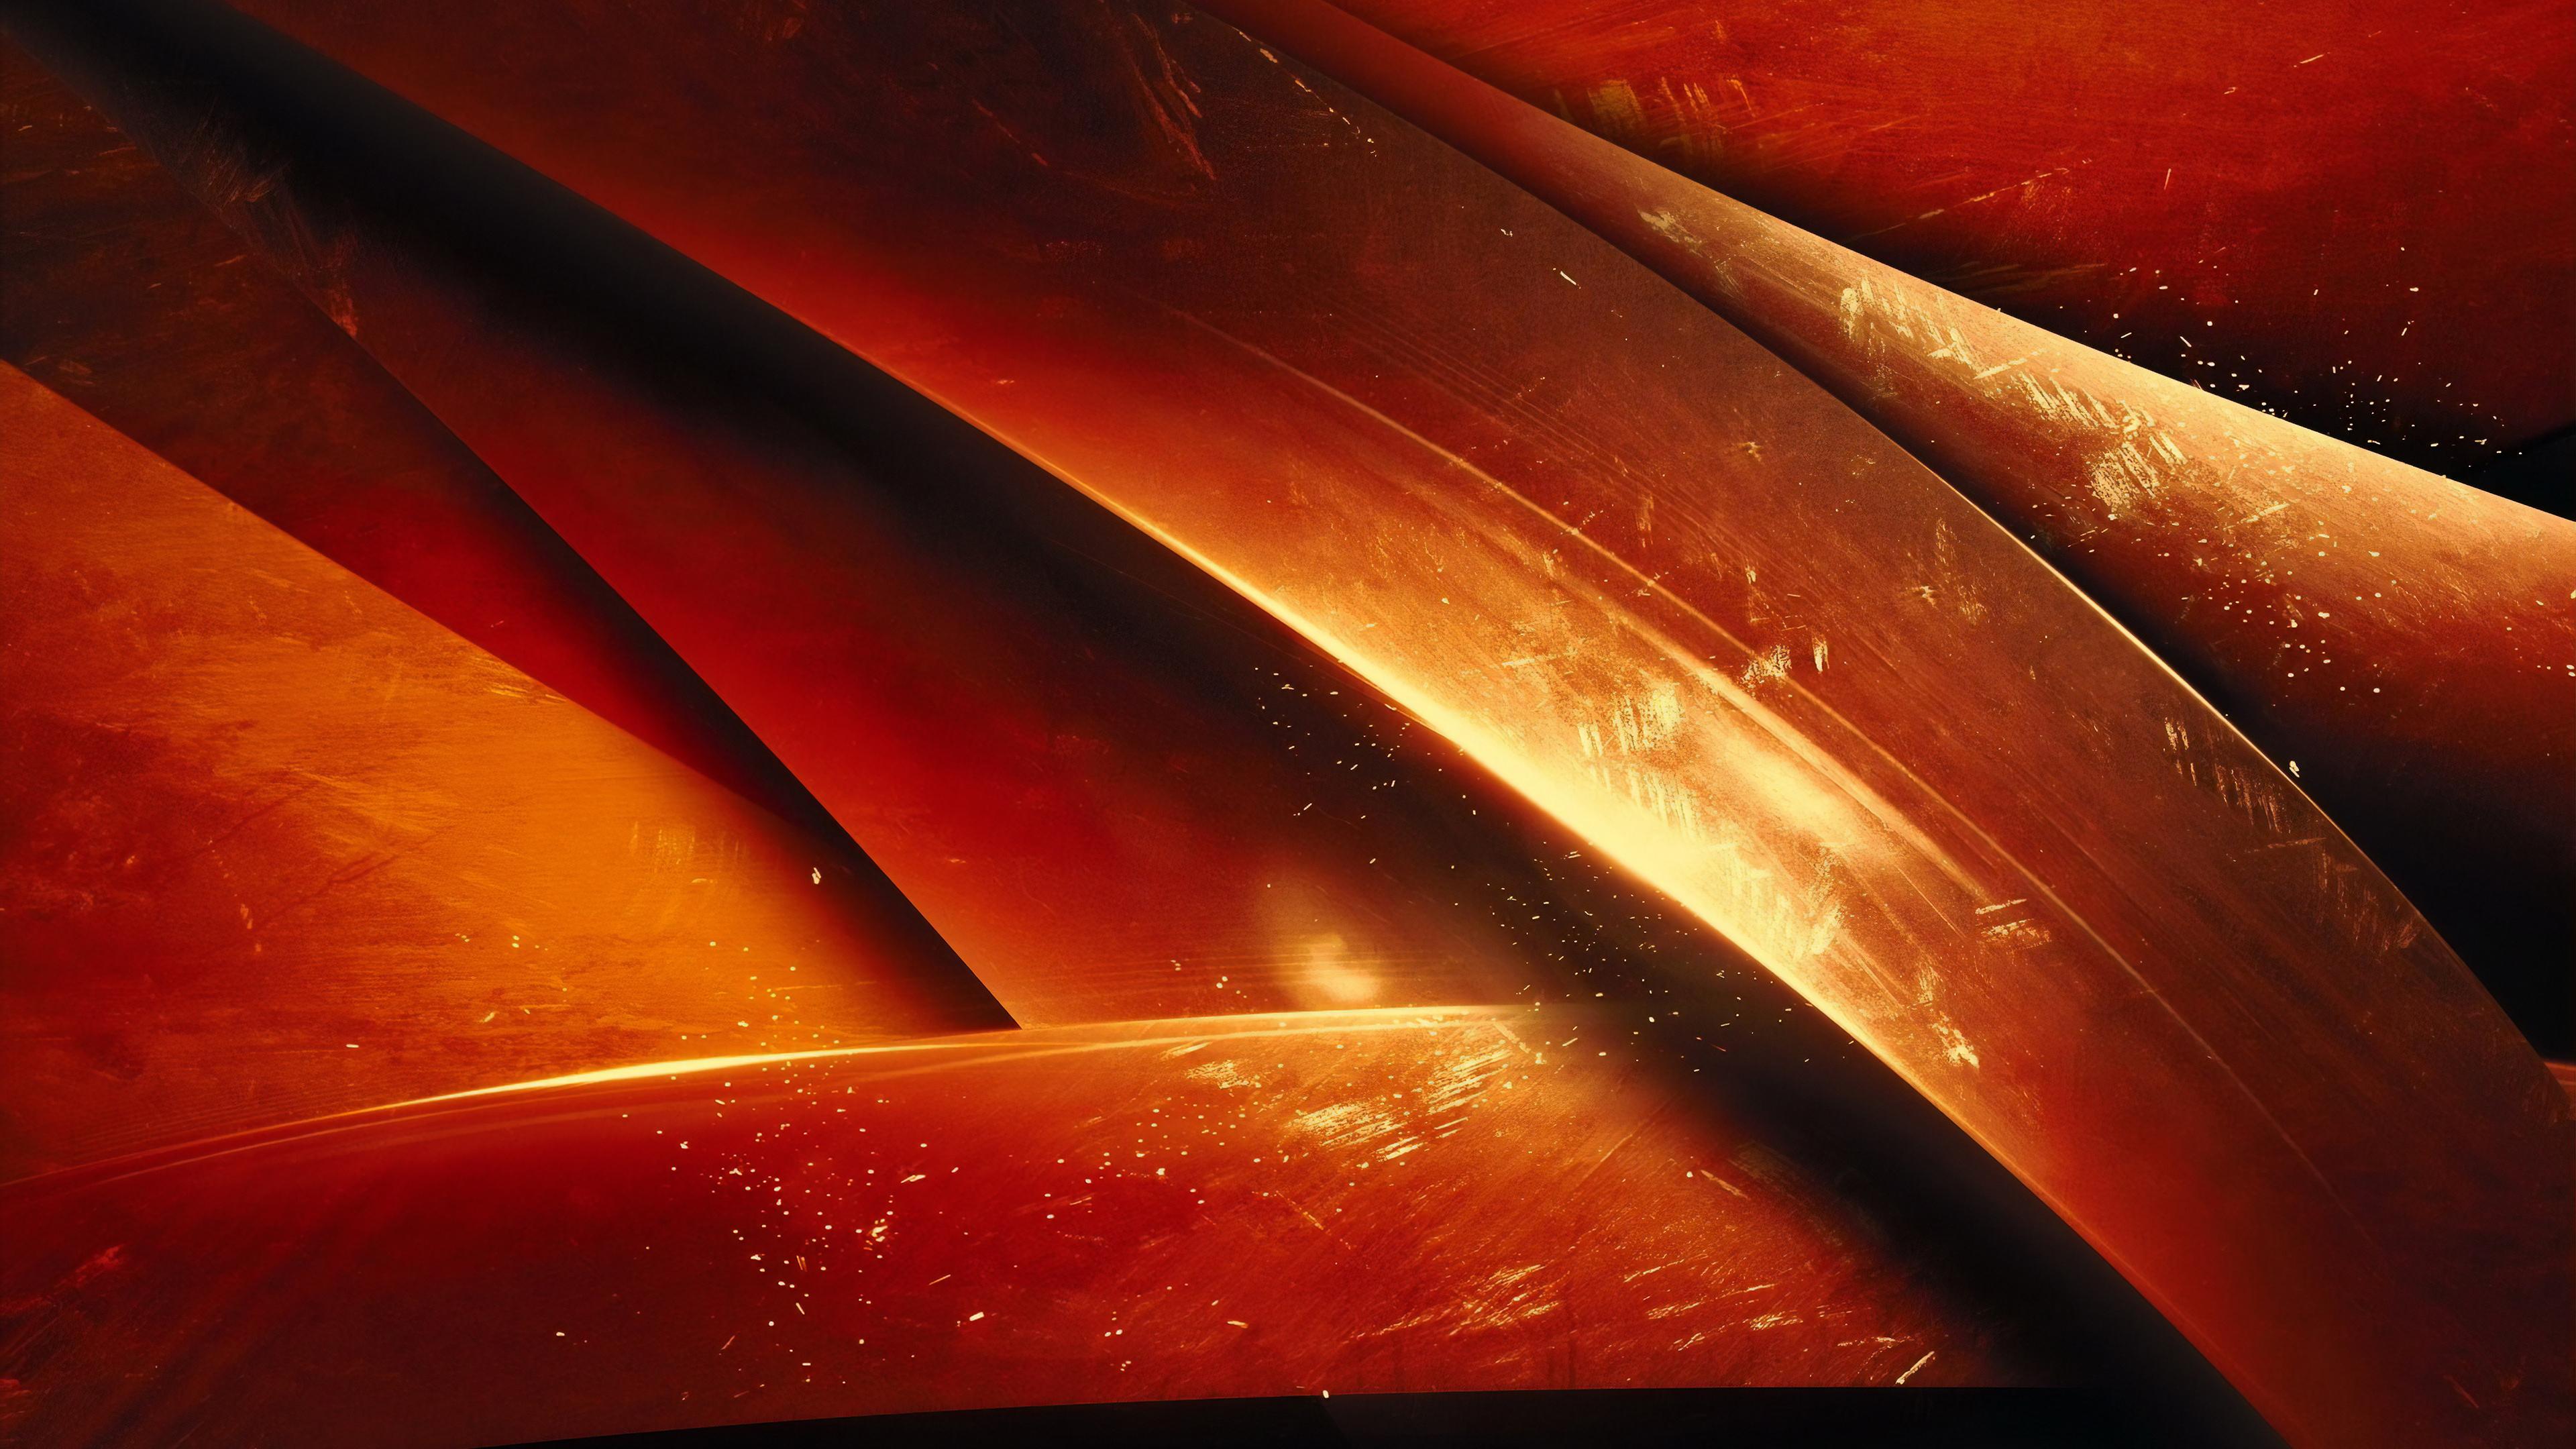 orange render abstract 1563221459 - Orange Render Abstract - hd-wallpapers, digital art wallpapers, abstract wallpapers, 4k-wallpapers